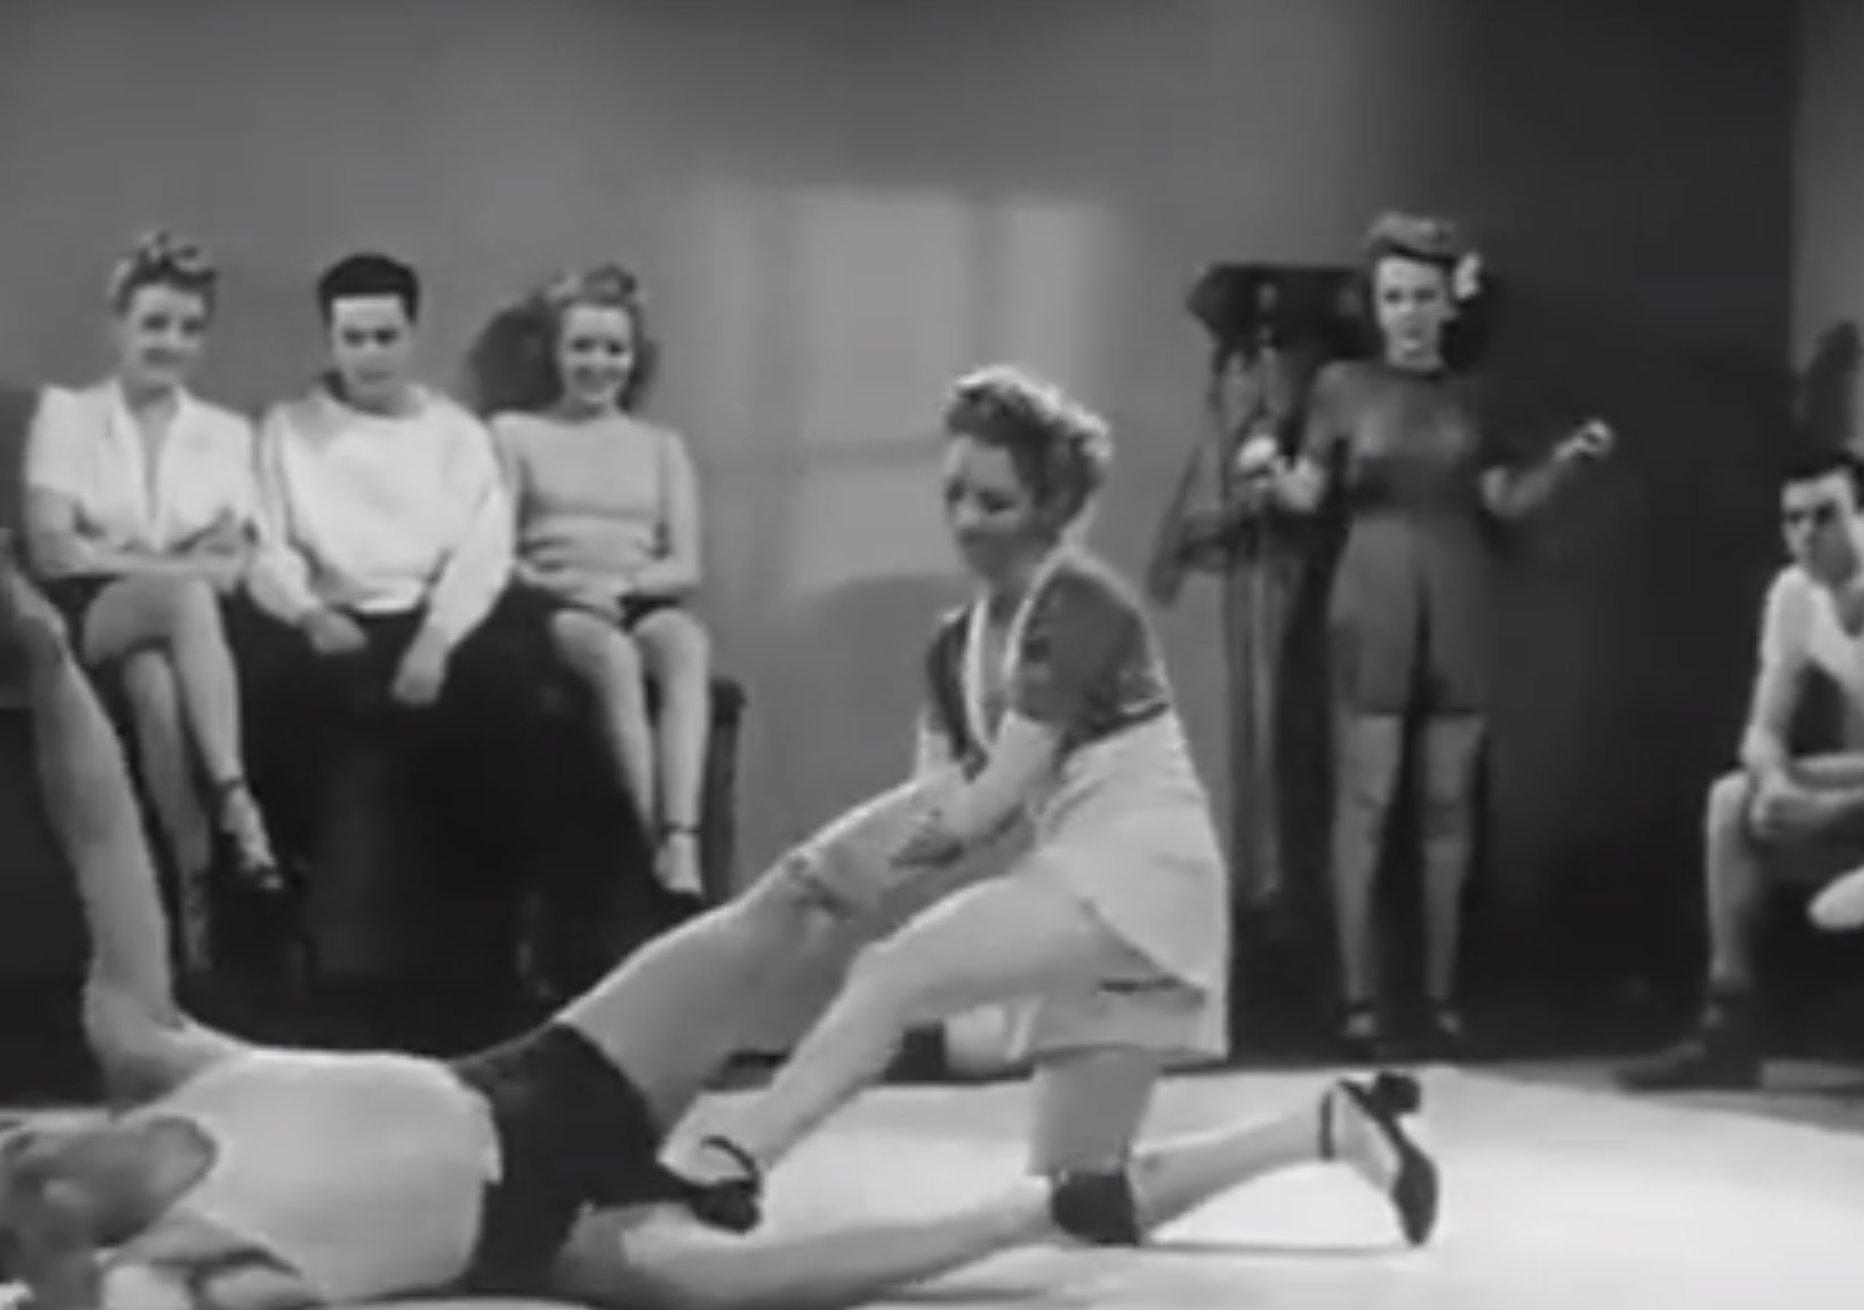 vintage sex video The Most Original Pick-up Ever (1960s Vintage).